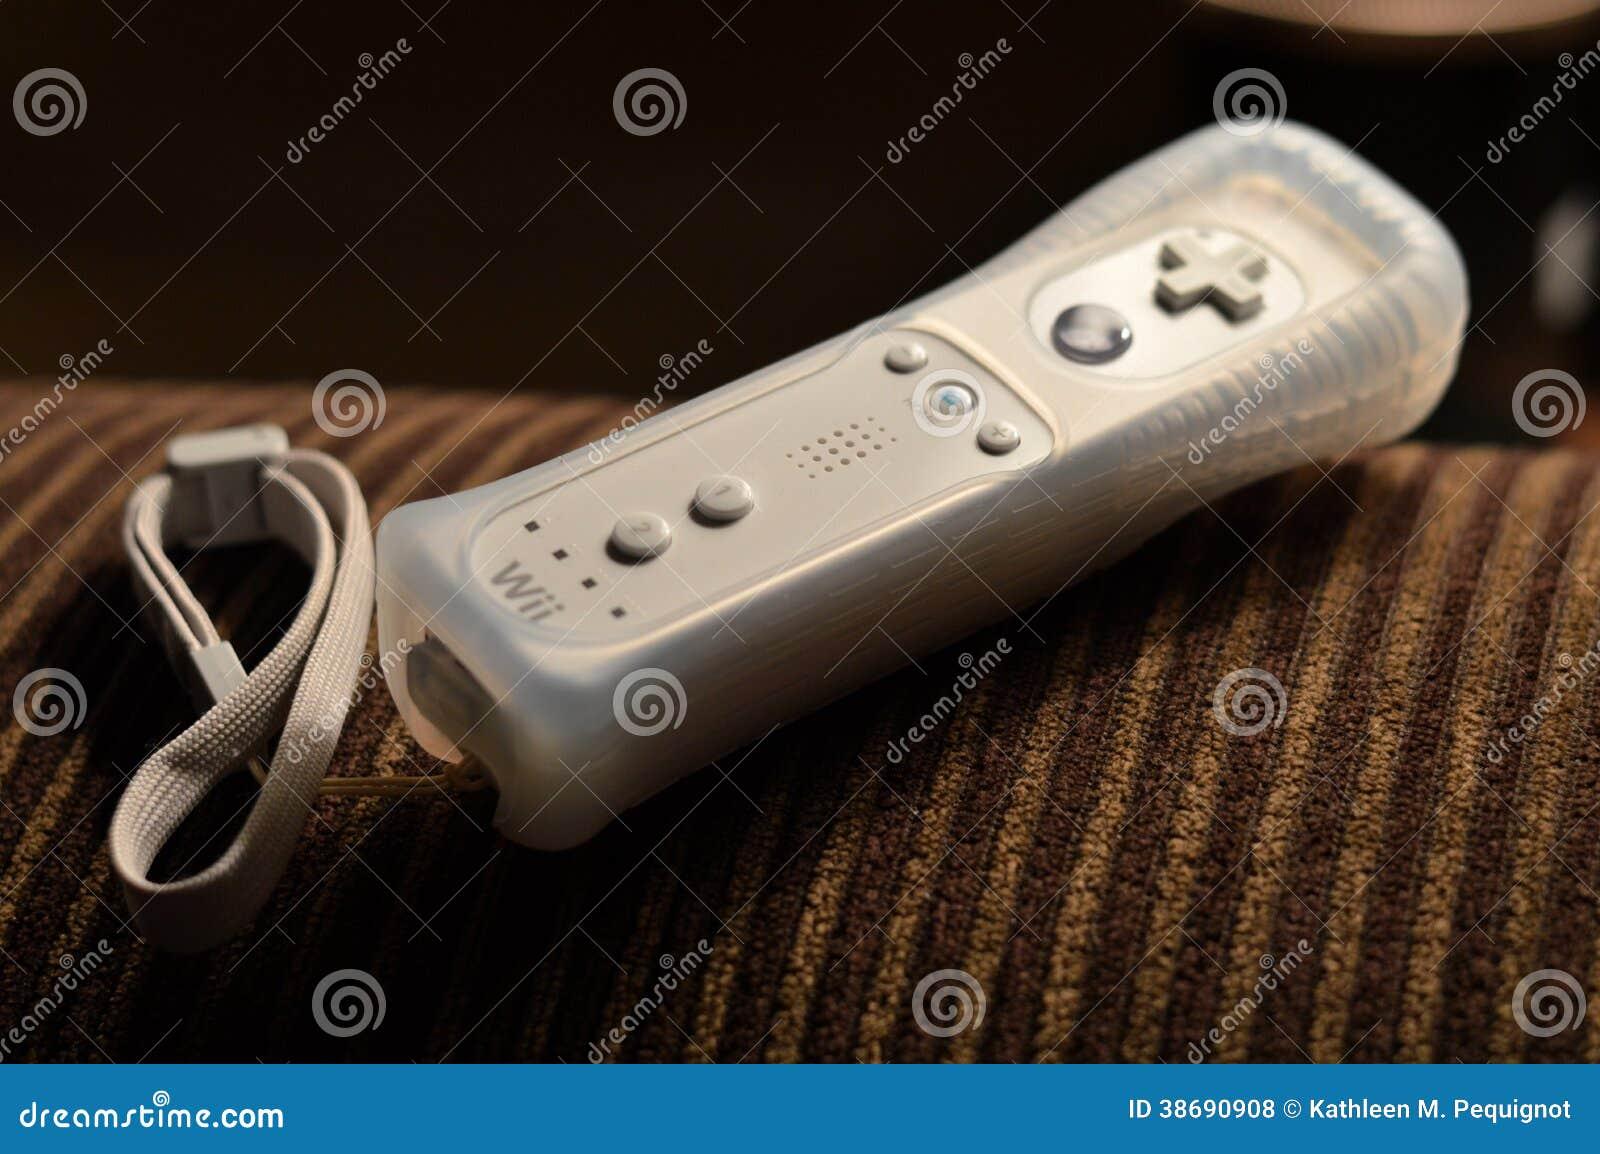 Wii verre technologie